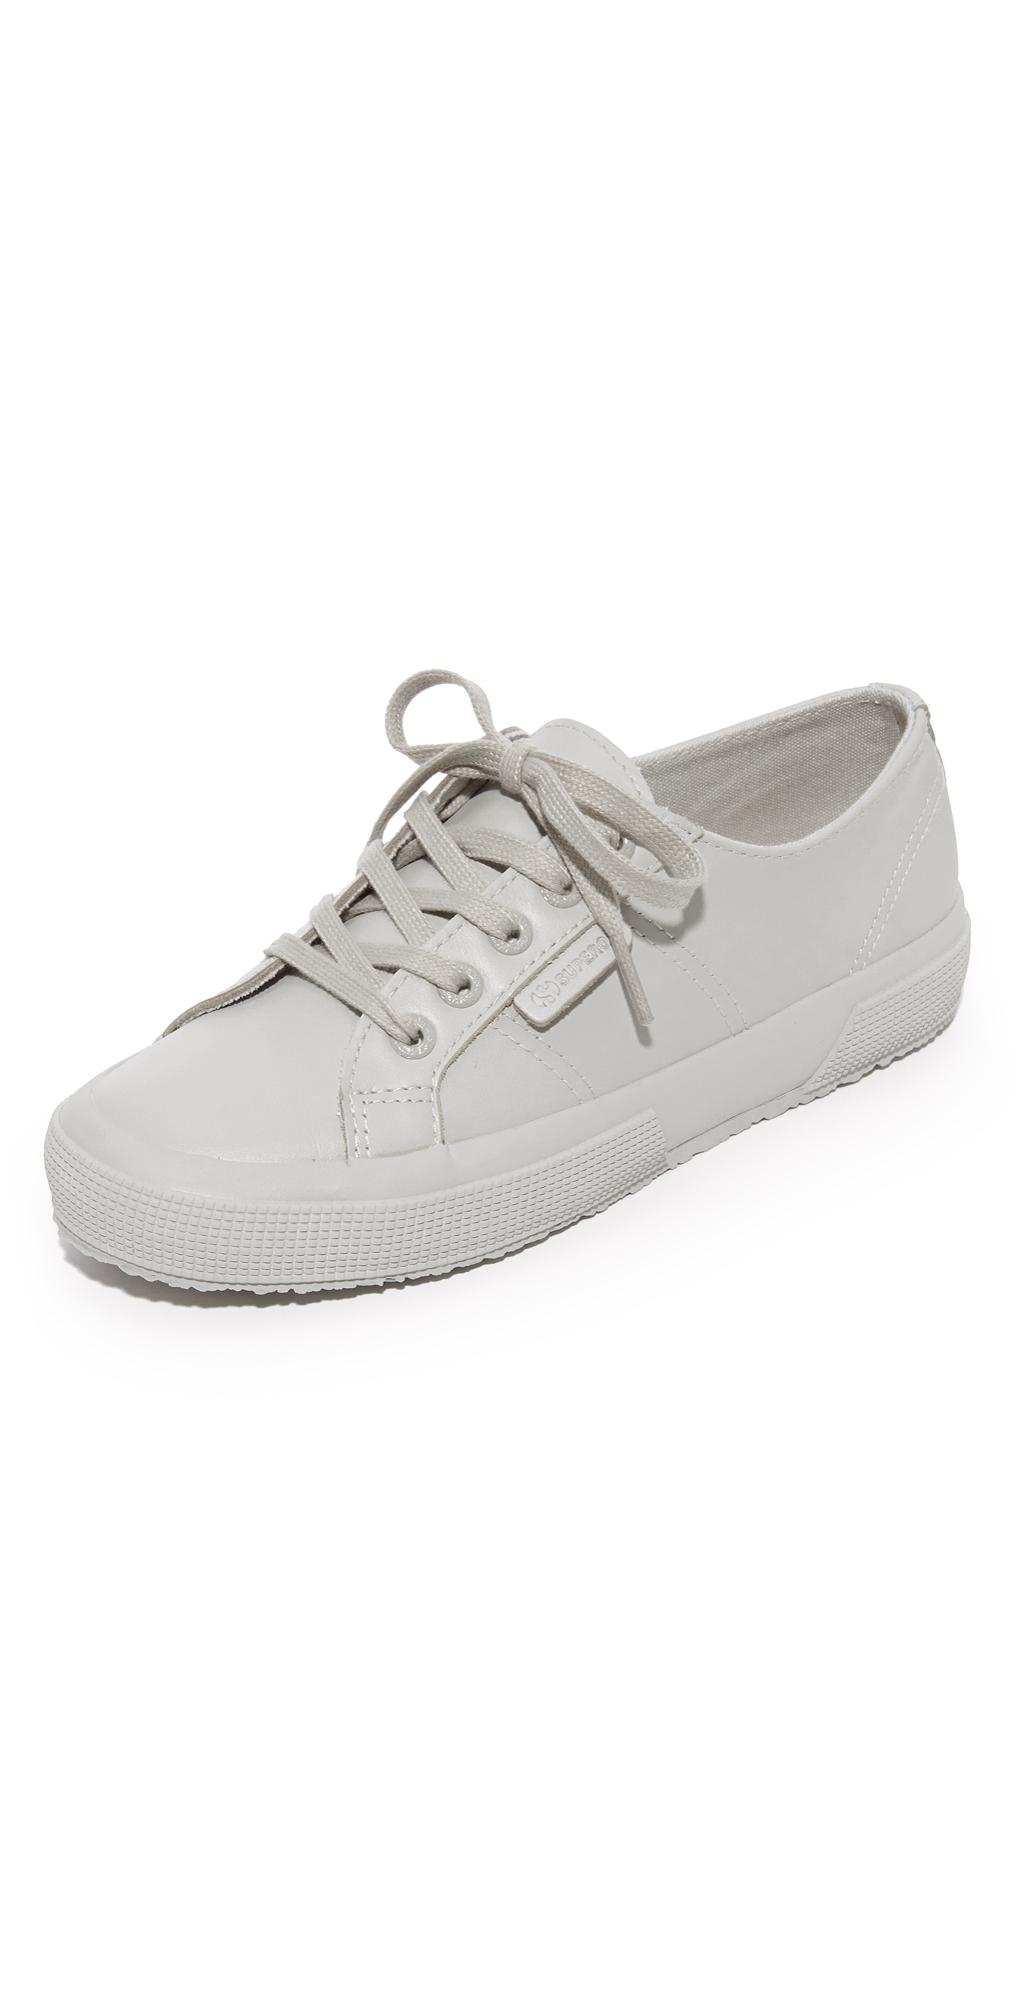 2750 FGLU Tonal Sneakers Superga